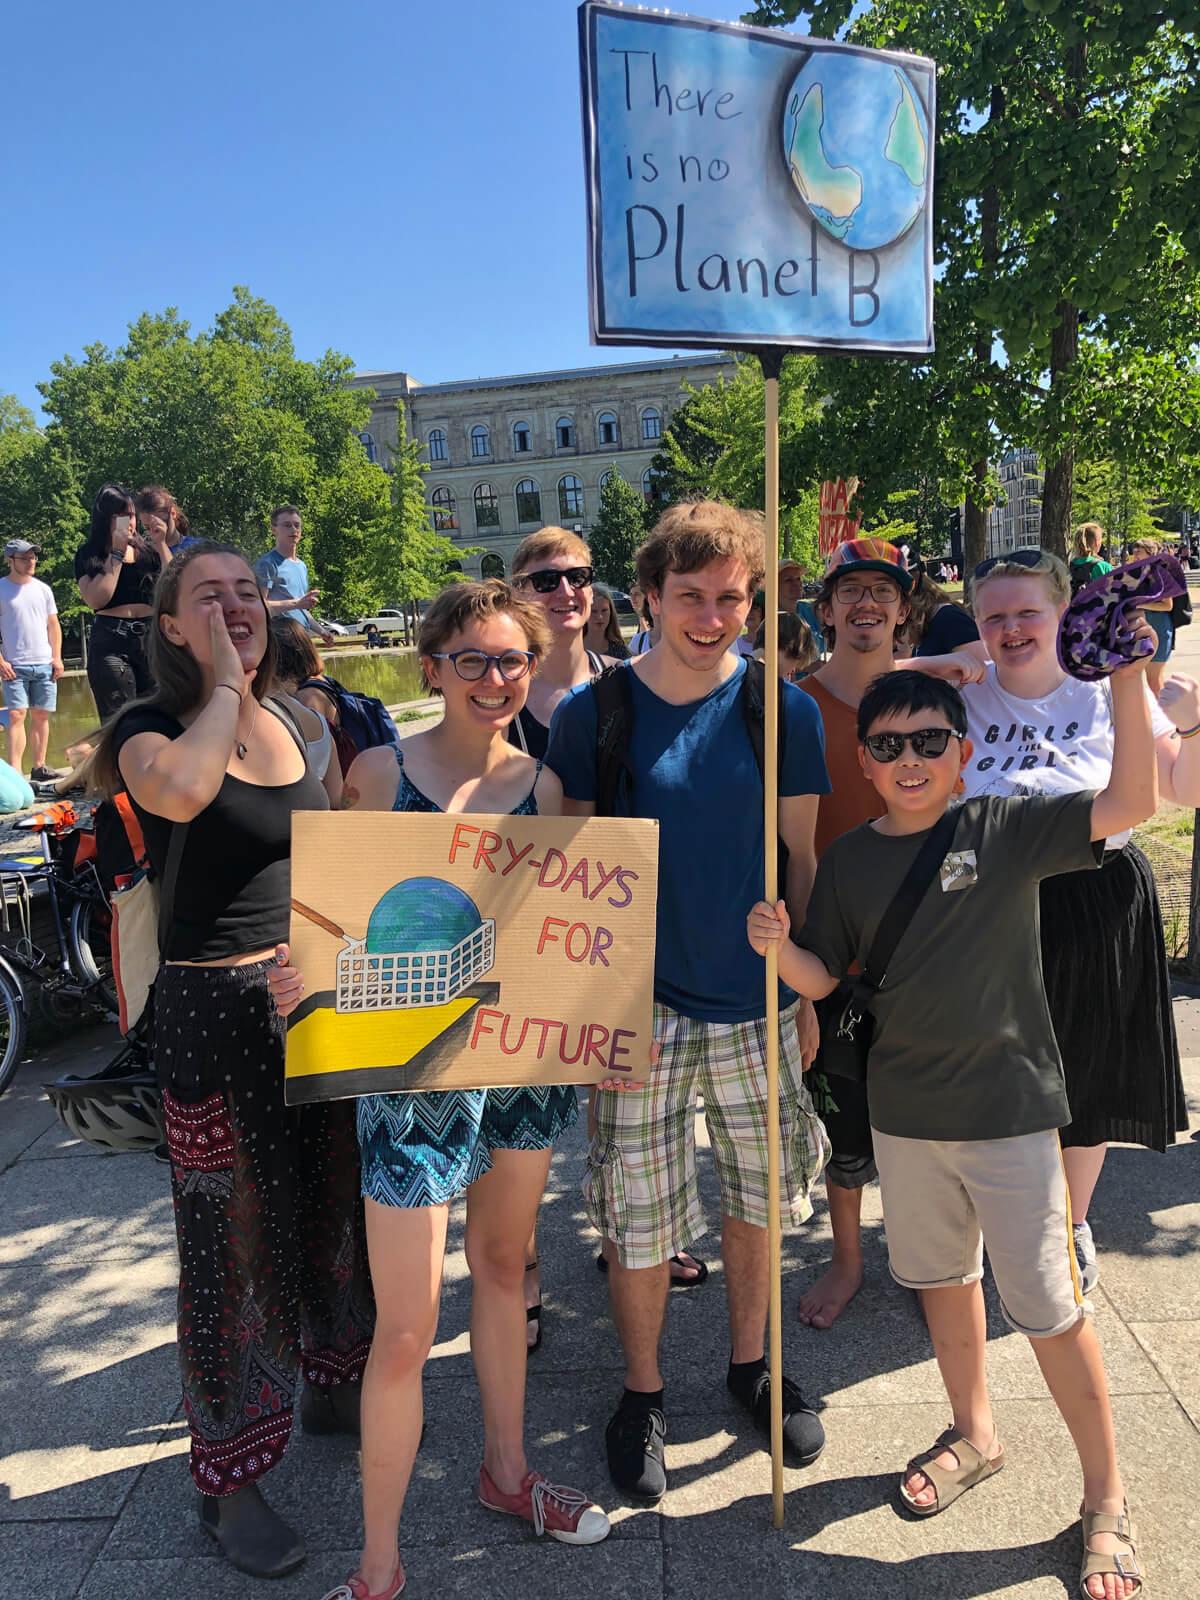 去年7月,他參與了德國柏林的氣候罷課活動,目睹當地人對爭取環保議題的熱心,令他的環保意識再大大提高,回港後更積極實踐環保行動。